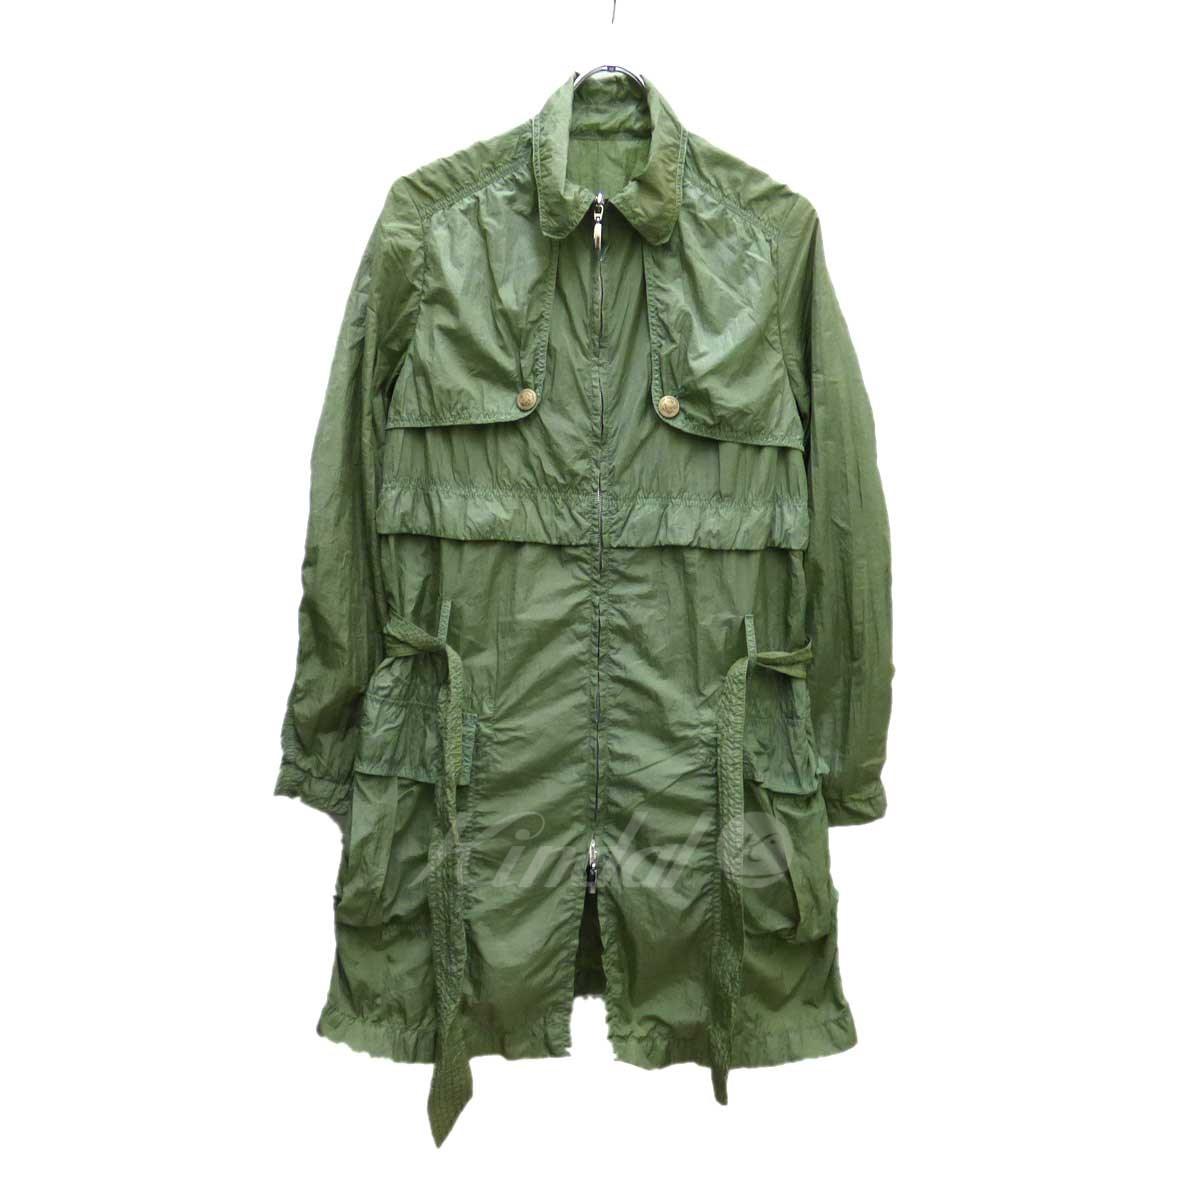 【中古】TONELLO デザインコート オリーブ サイズ:40 【送料無料】 【231018】(トネッロ)